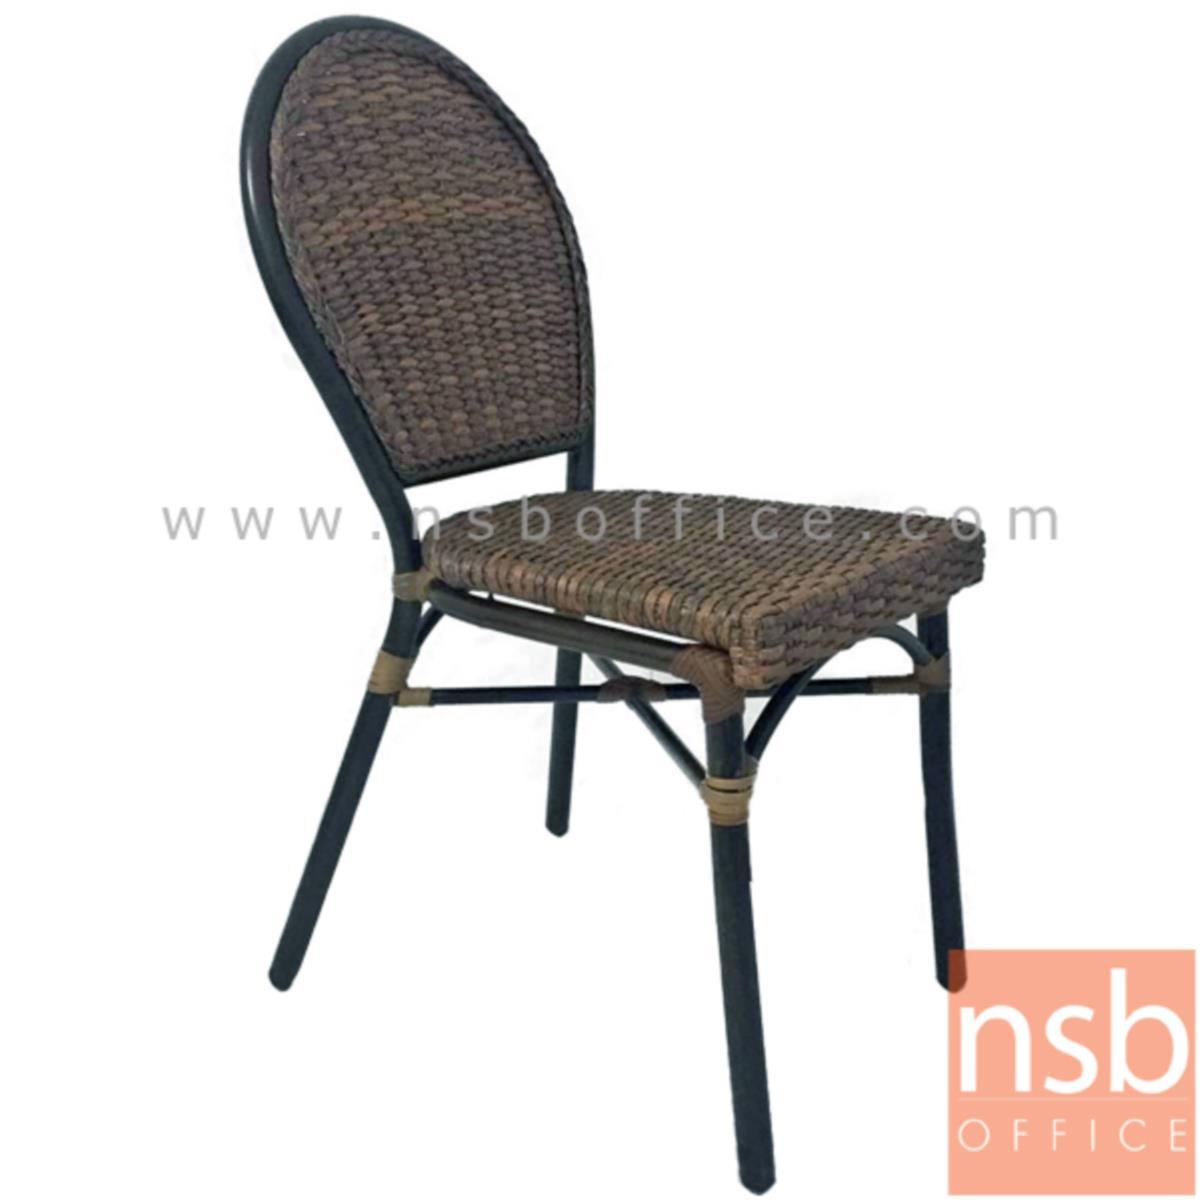 G08A239:เก้าอี้สนามหวายเทียมสาน รุ่น Campbell ไม่มีท้าวแขน (ใช้กับโต๊ะหวายฯ รุ่น G08A236, G08A237)